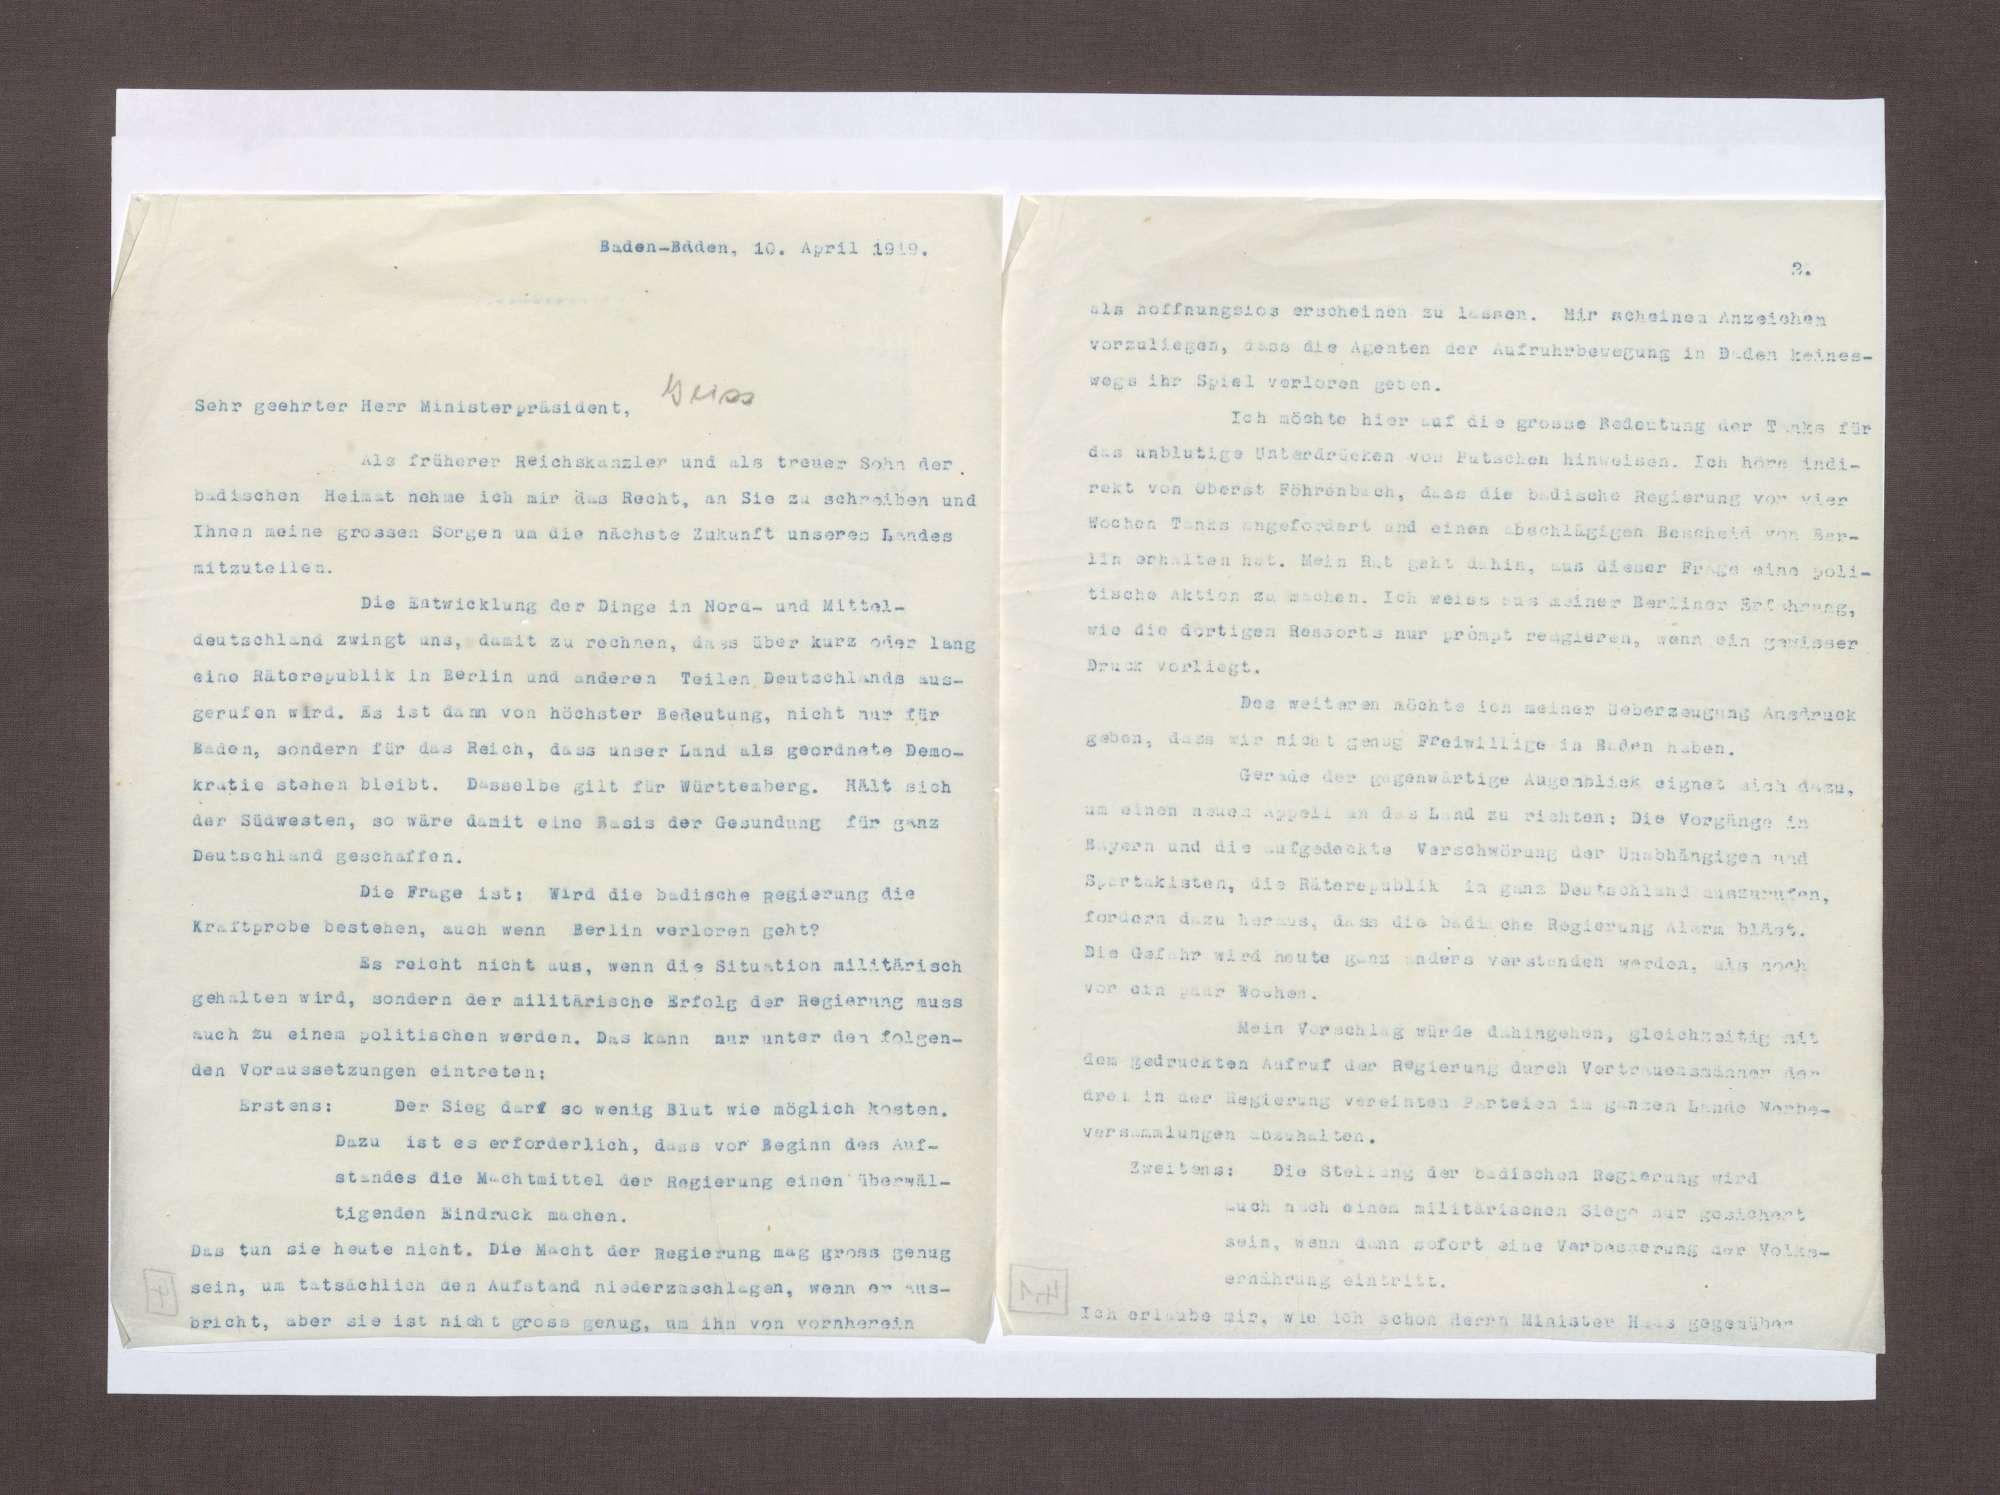 Schreiben von Max von Baden an Anton Geiß; Bedrohliche politische Lage in Deutschland und Überlegung des Erwerbs von Tanks zur Bekämpfung von Unruhen, Bild 1